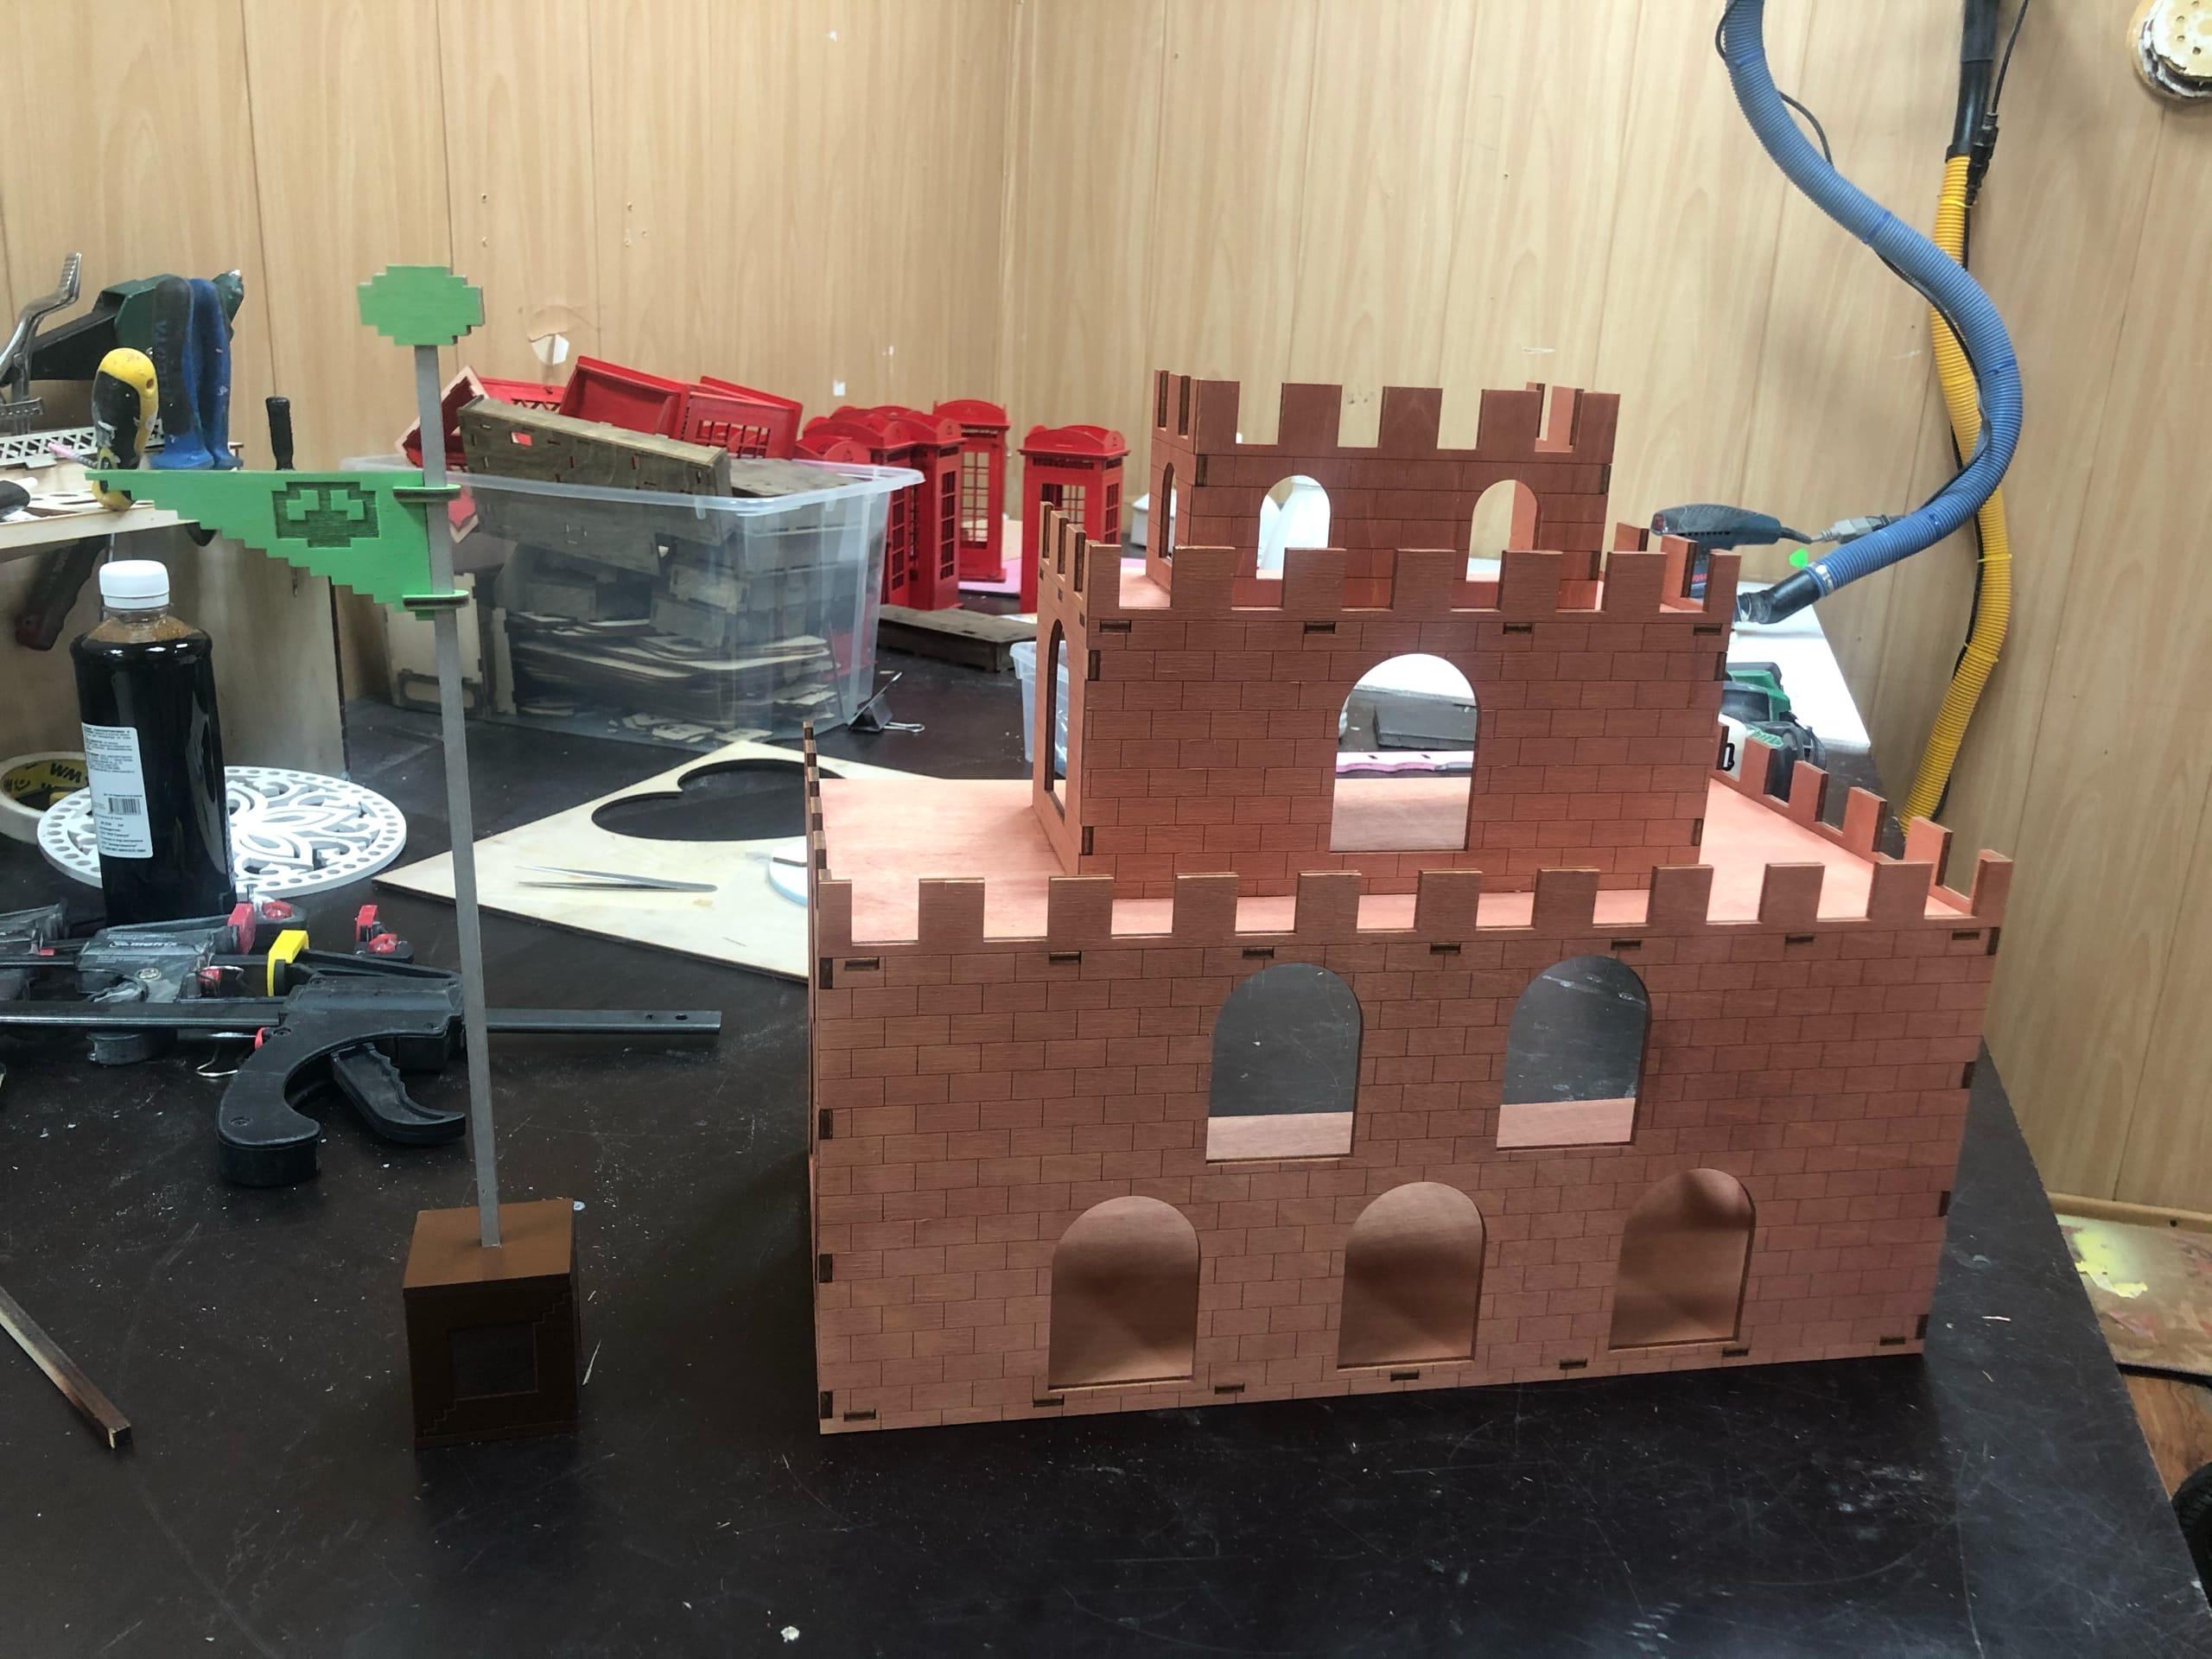 Laser Cut Super Mario Wooden Princess Castle Free Vector